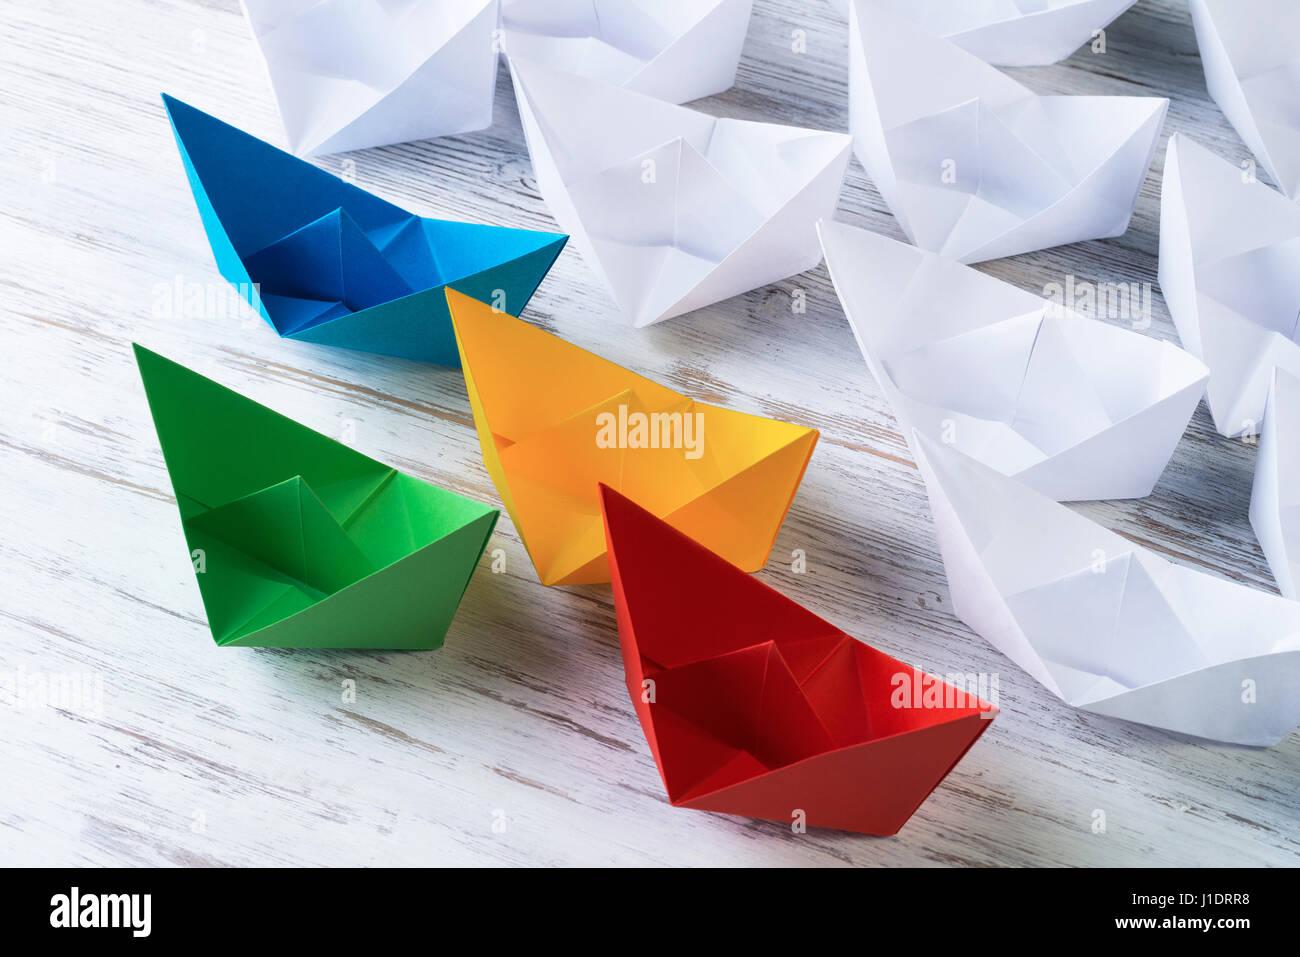 Concepto de liderazgo empresarial con blanco y color en barquitos de papel Imagen De Stock